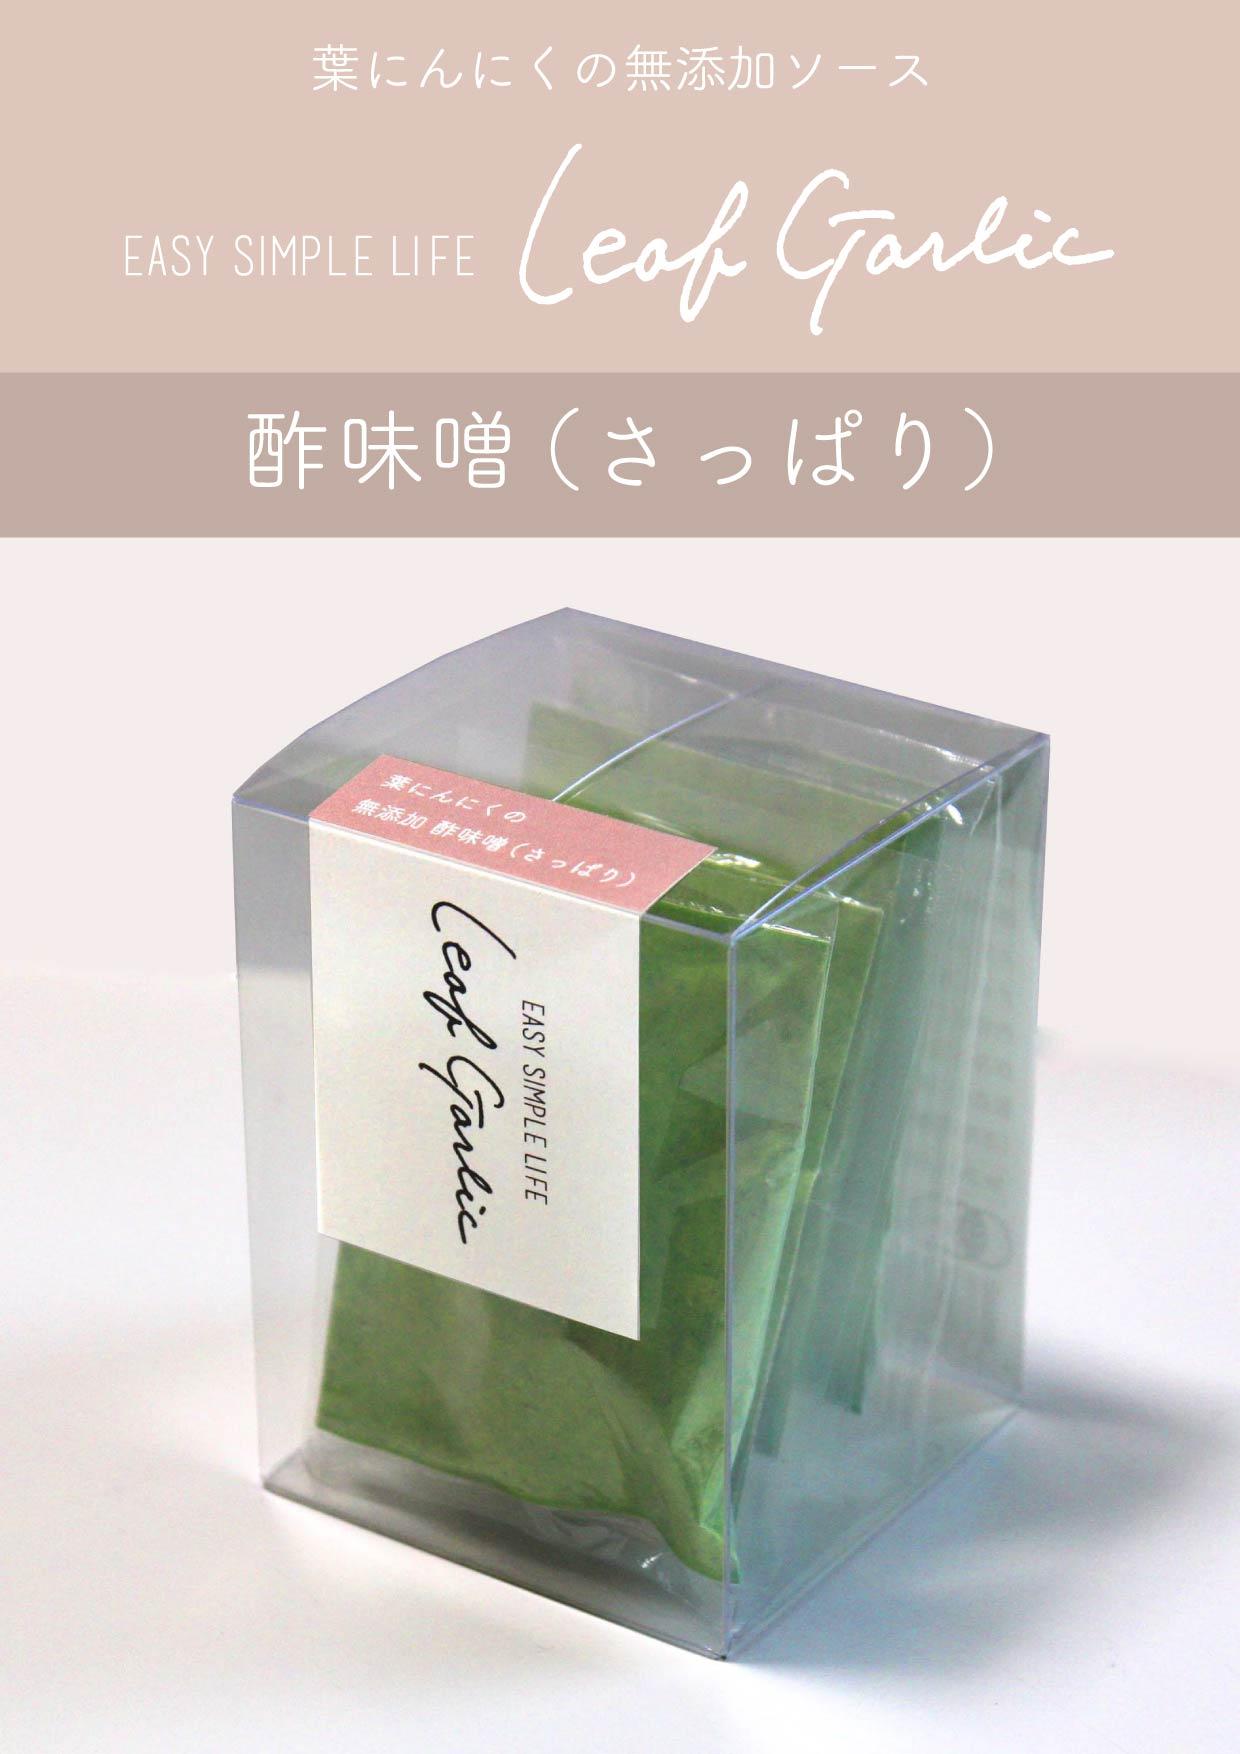 LeafGarlic(さっぱり)